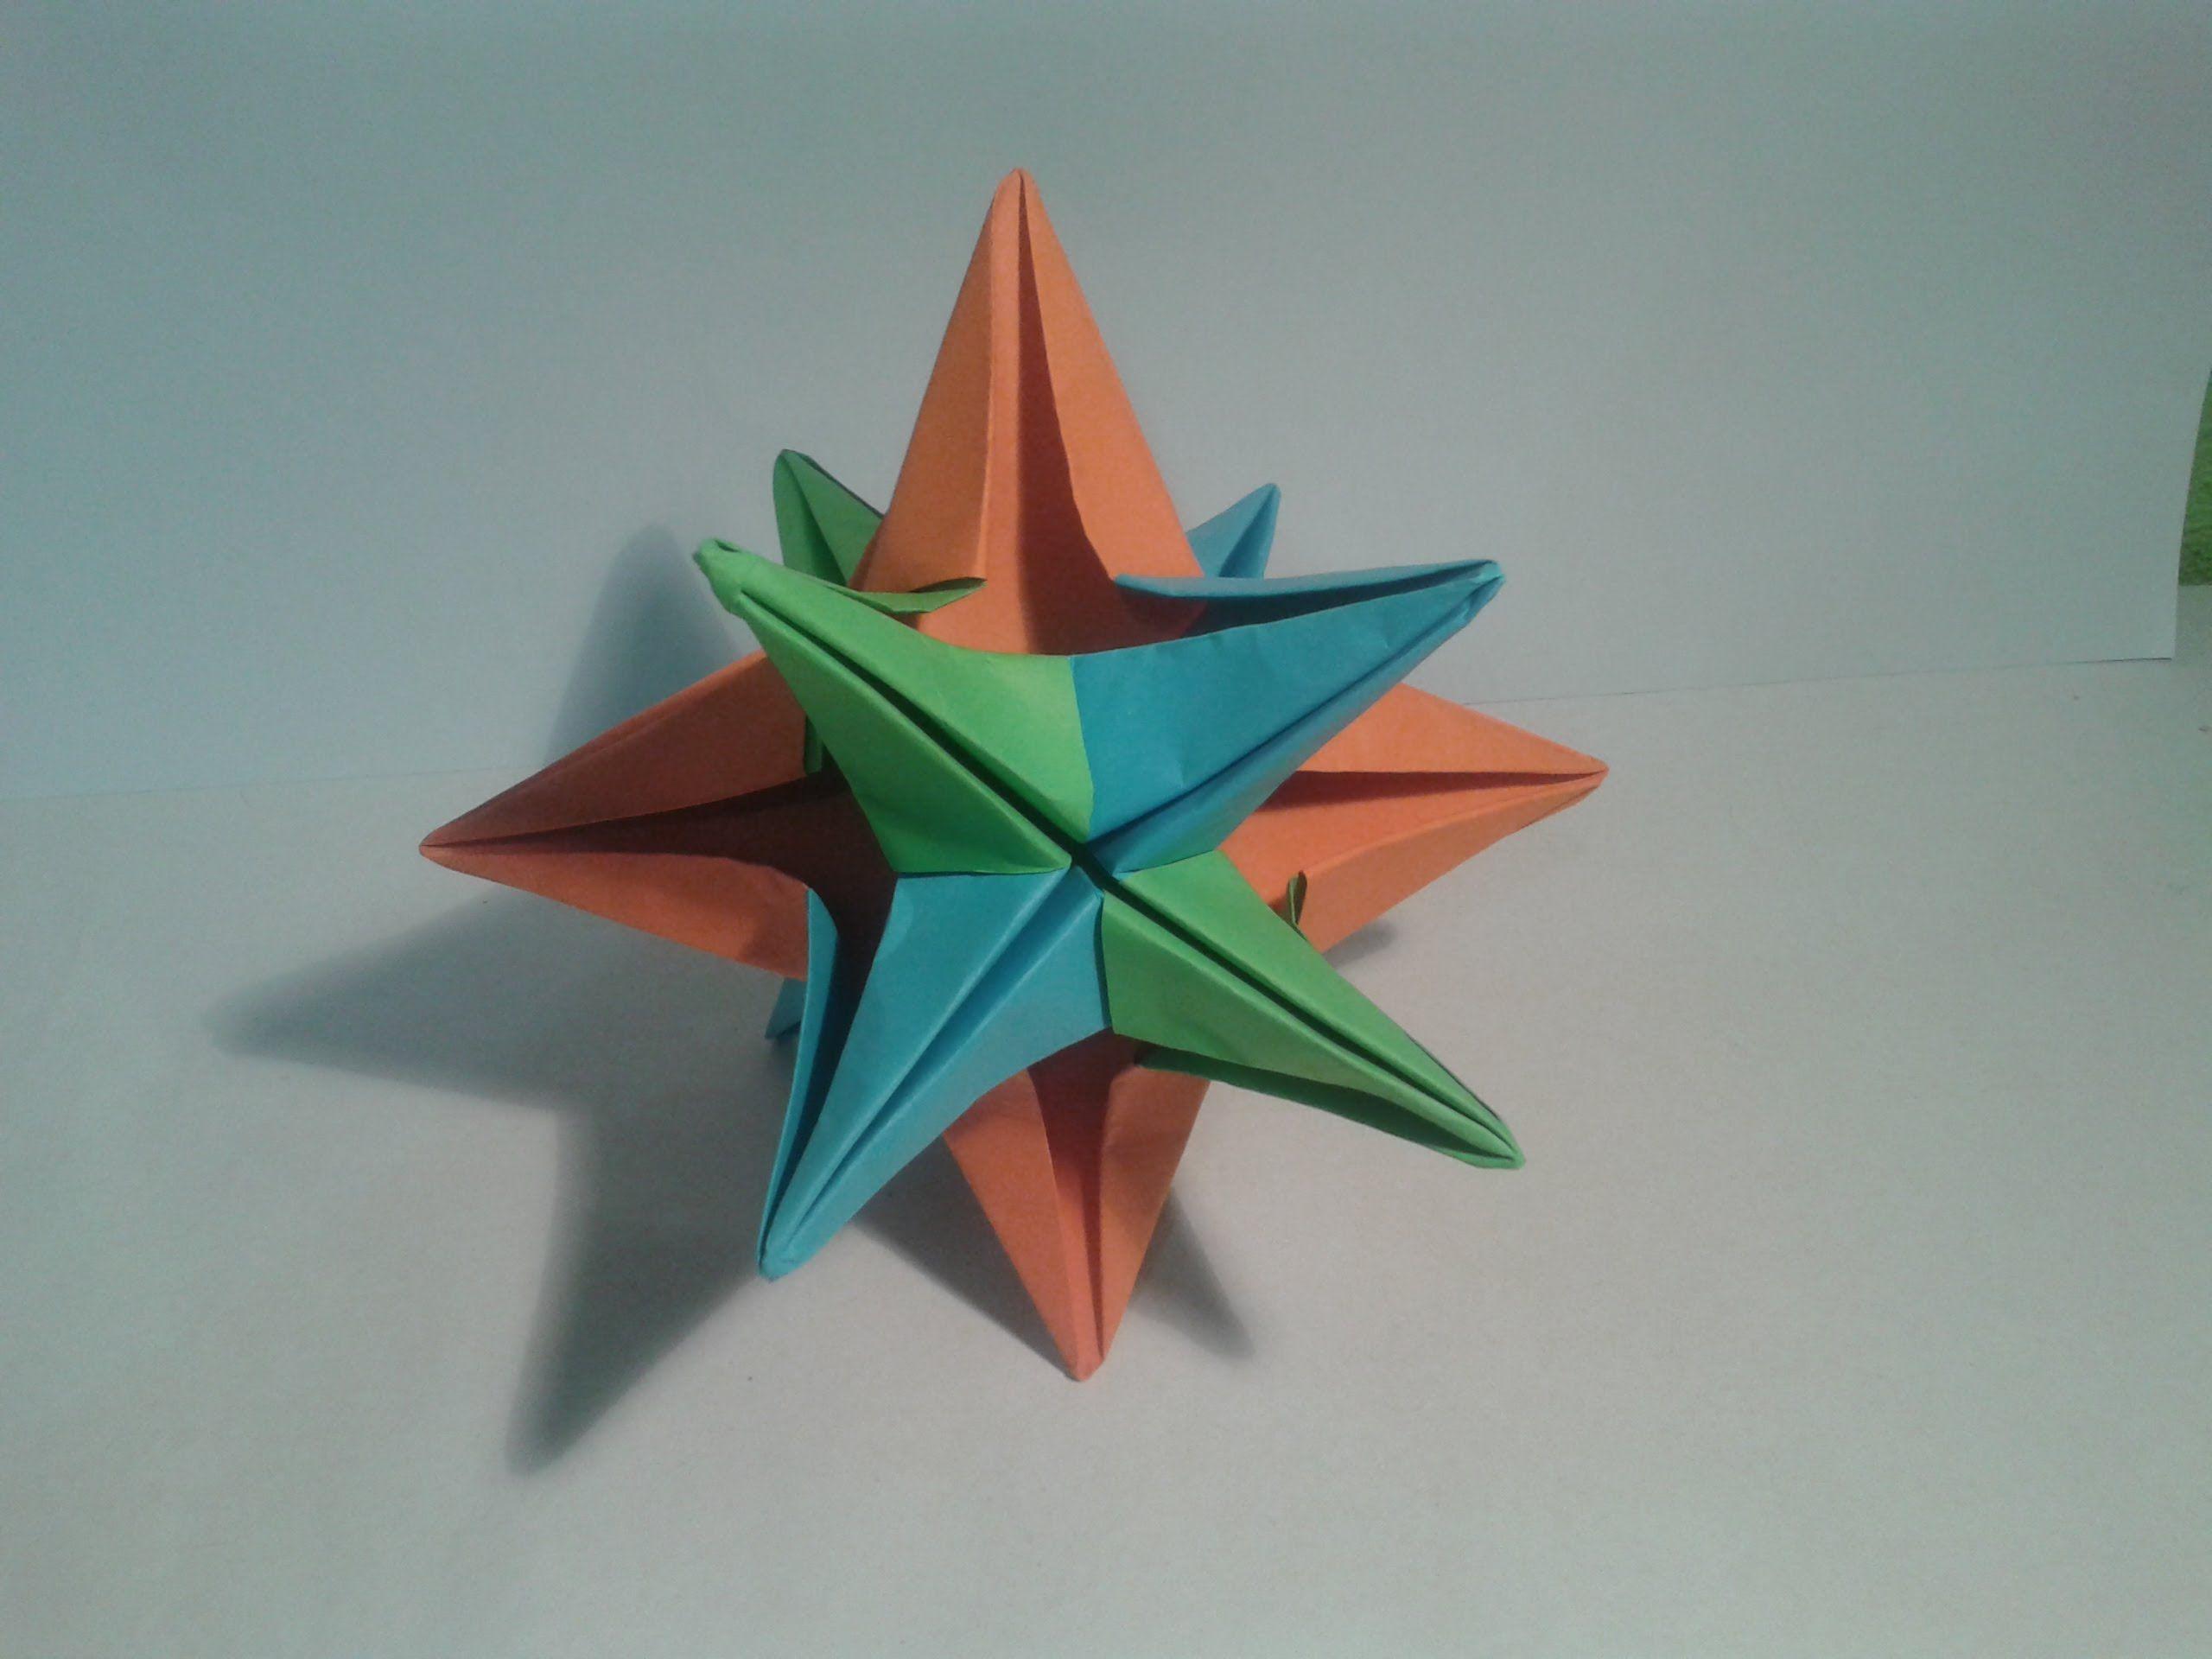 Como Hacer Una Estrella De 12 Puntas Origami Estrellas De Origami Estrella De 12 Puntas Tutorial De Origami